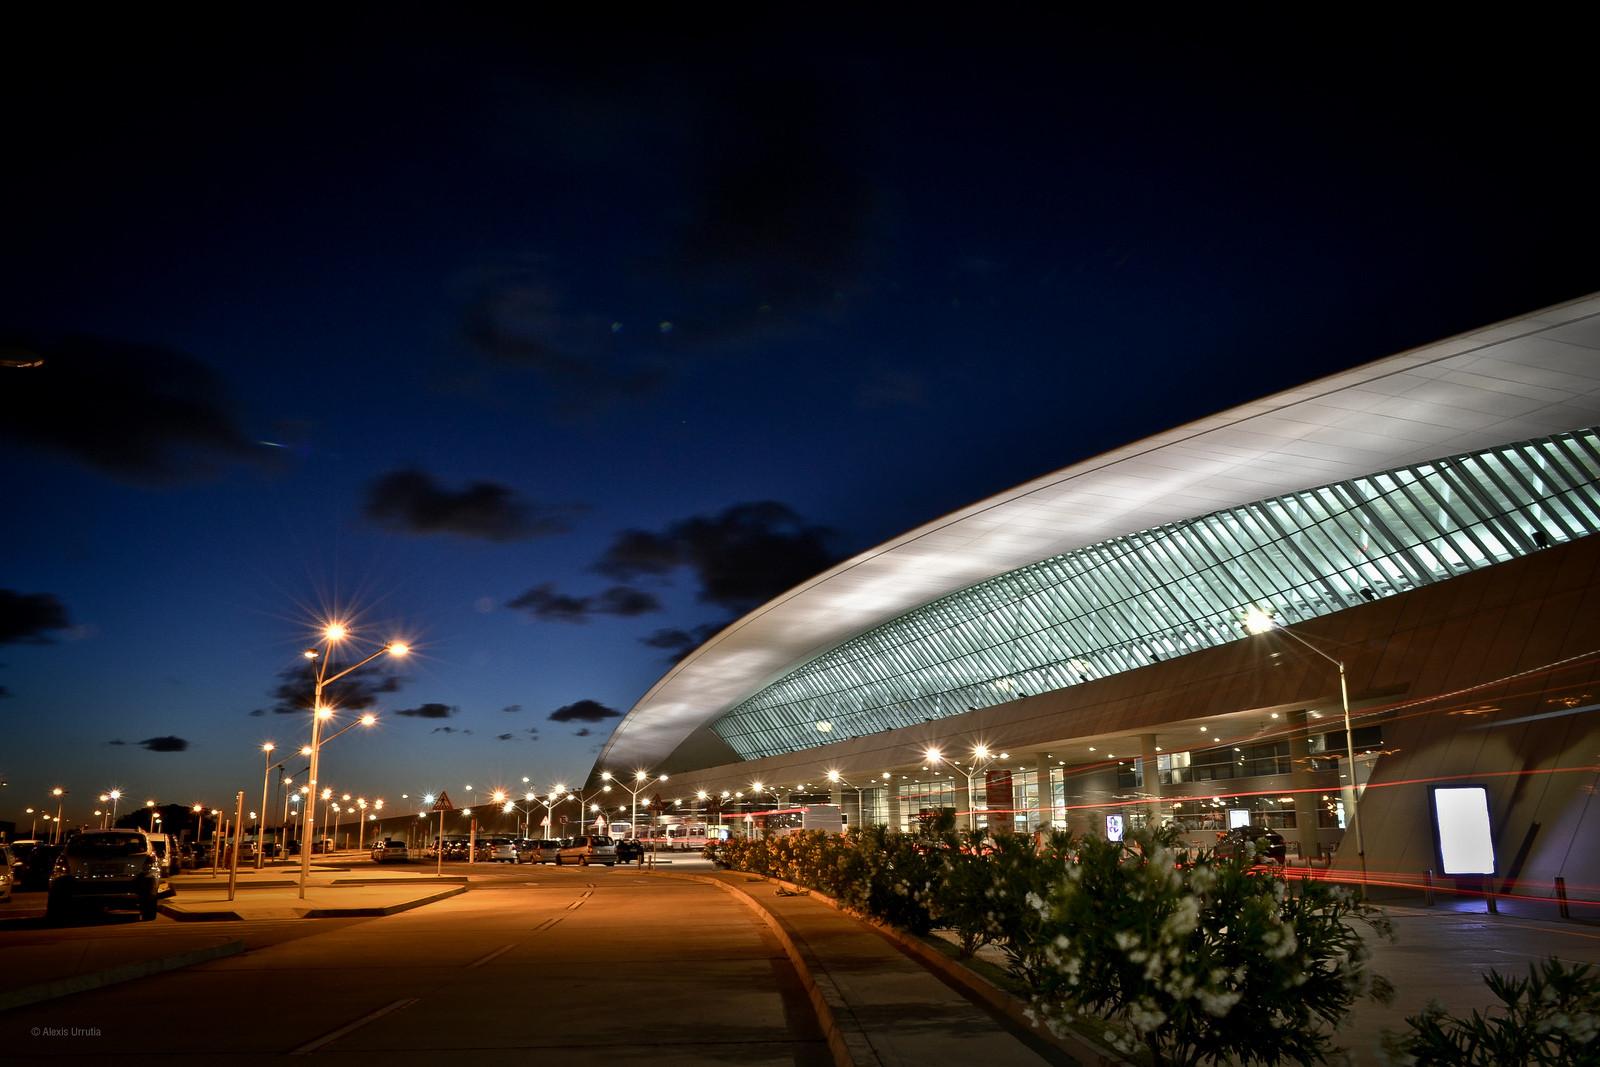 Uruguay tendrá el primer aeropuerto totalmente sustentable del mundo, © Alexis Urrutia [Flickr]